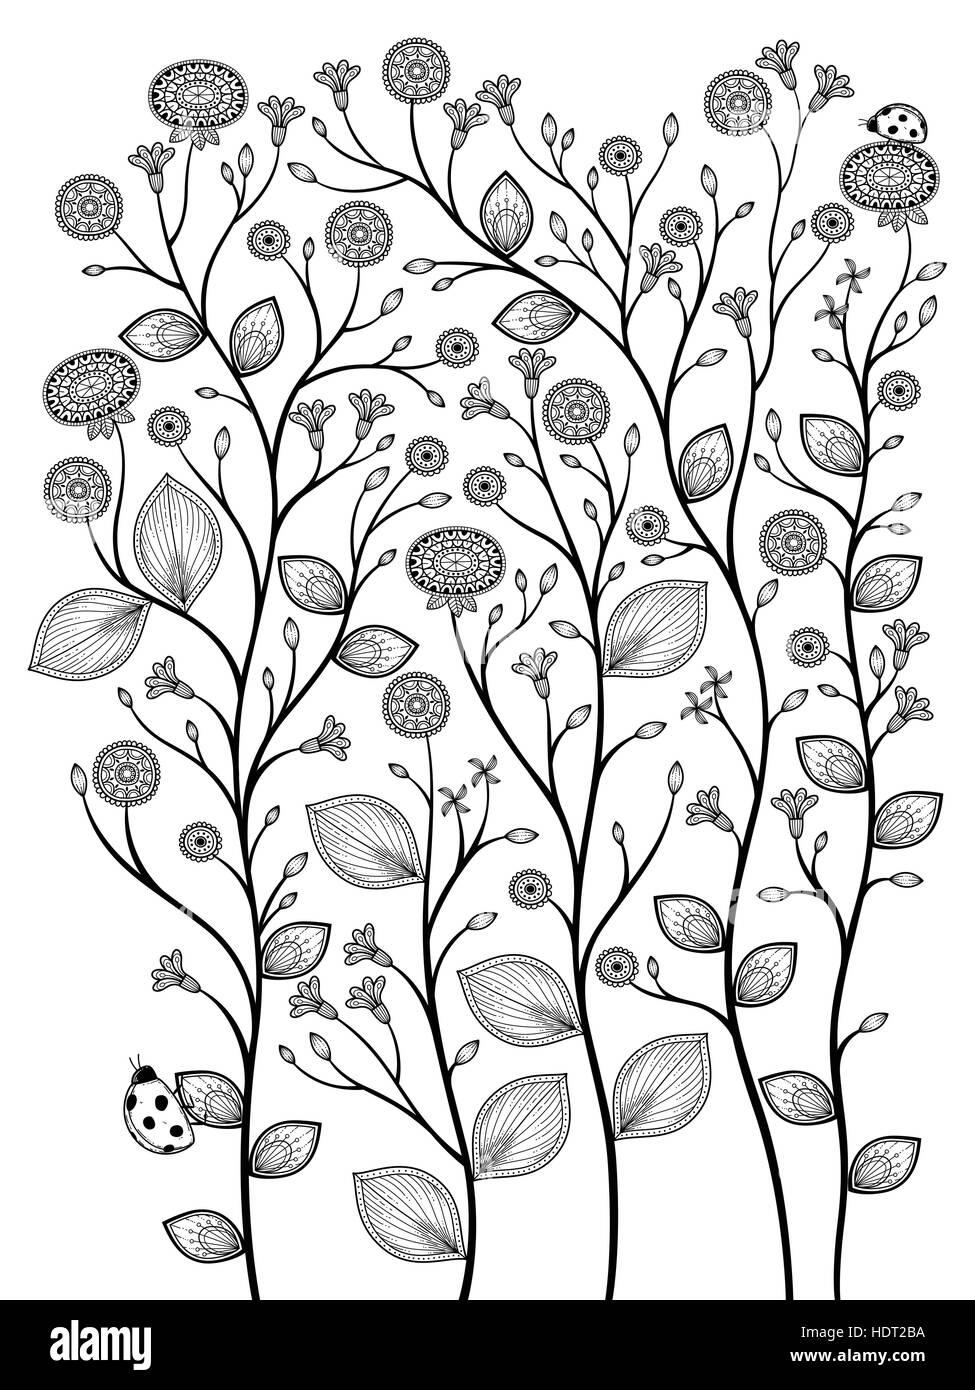 elegante Frühling Pflanzen Malvorlagen in exquisiten Linie Vektor ...